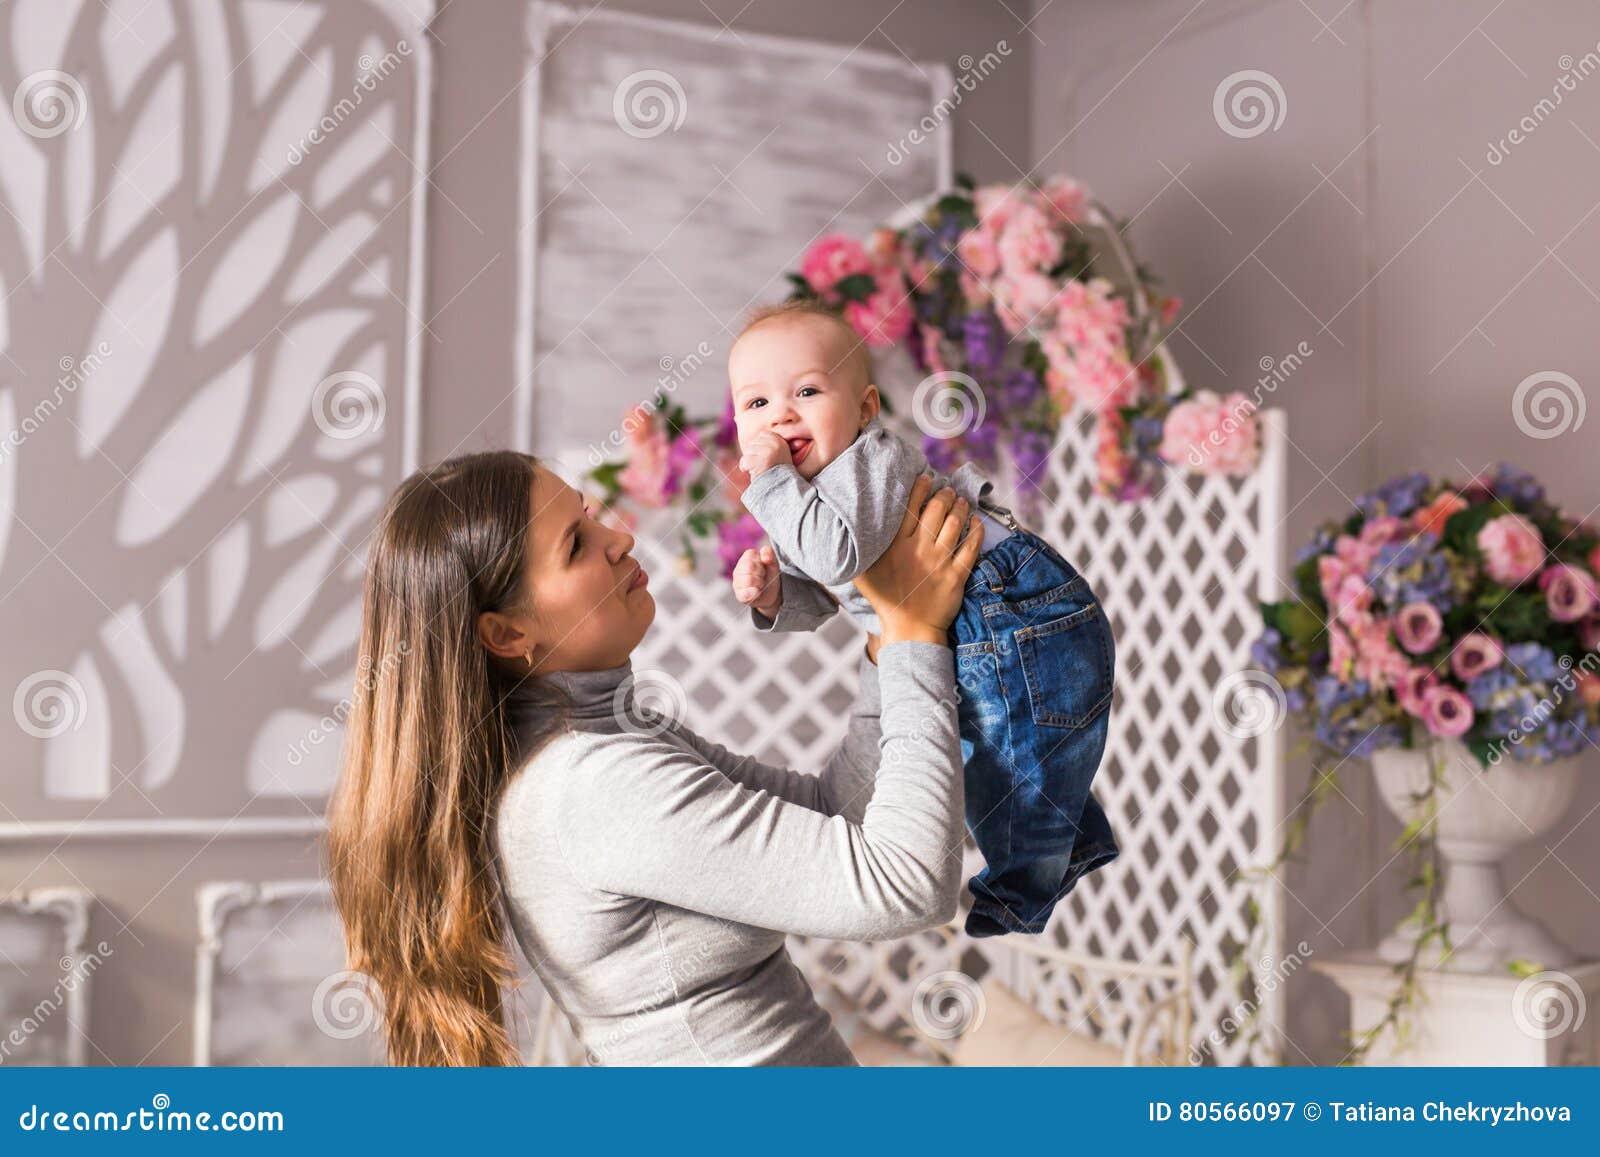 donna che esce con un ragazzo di mamma